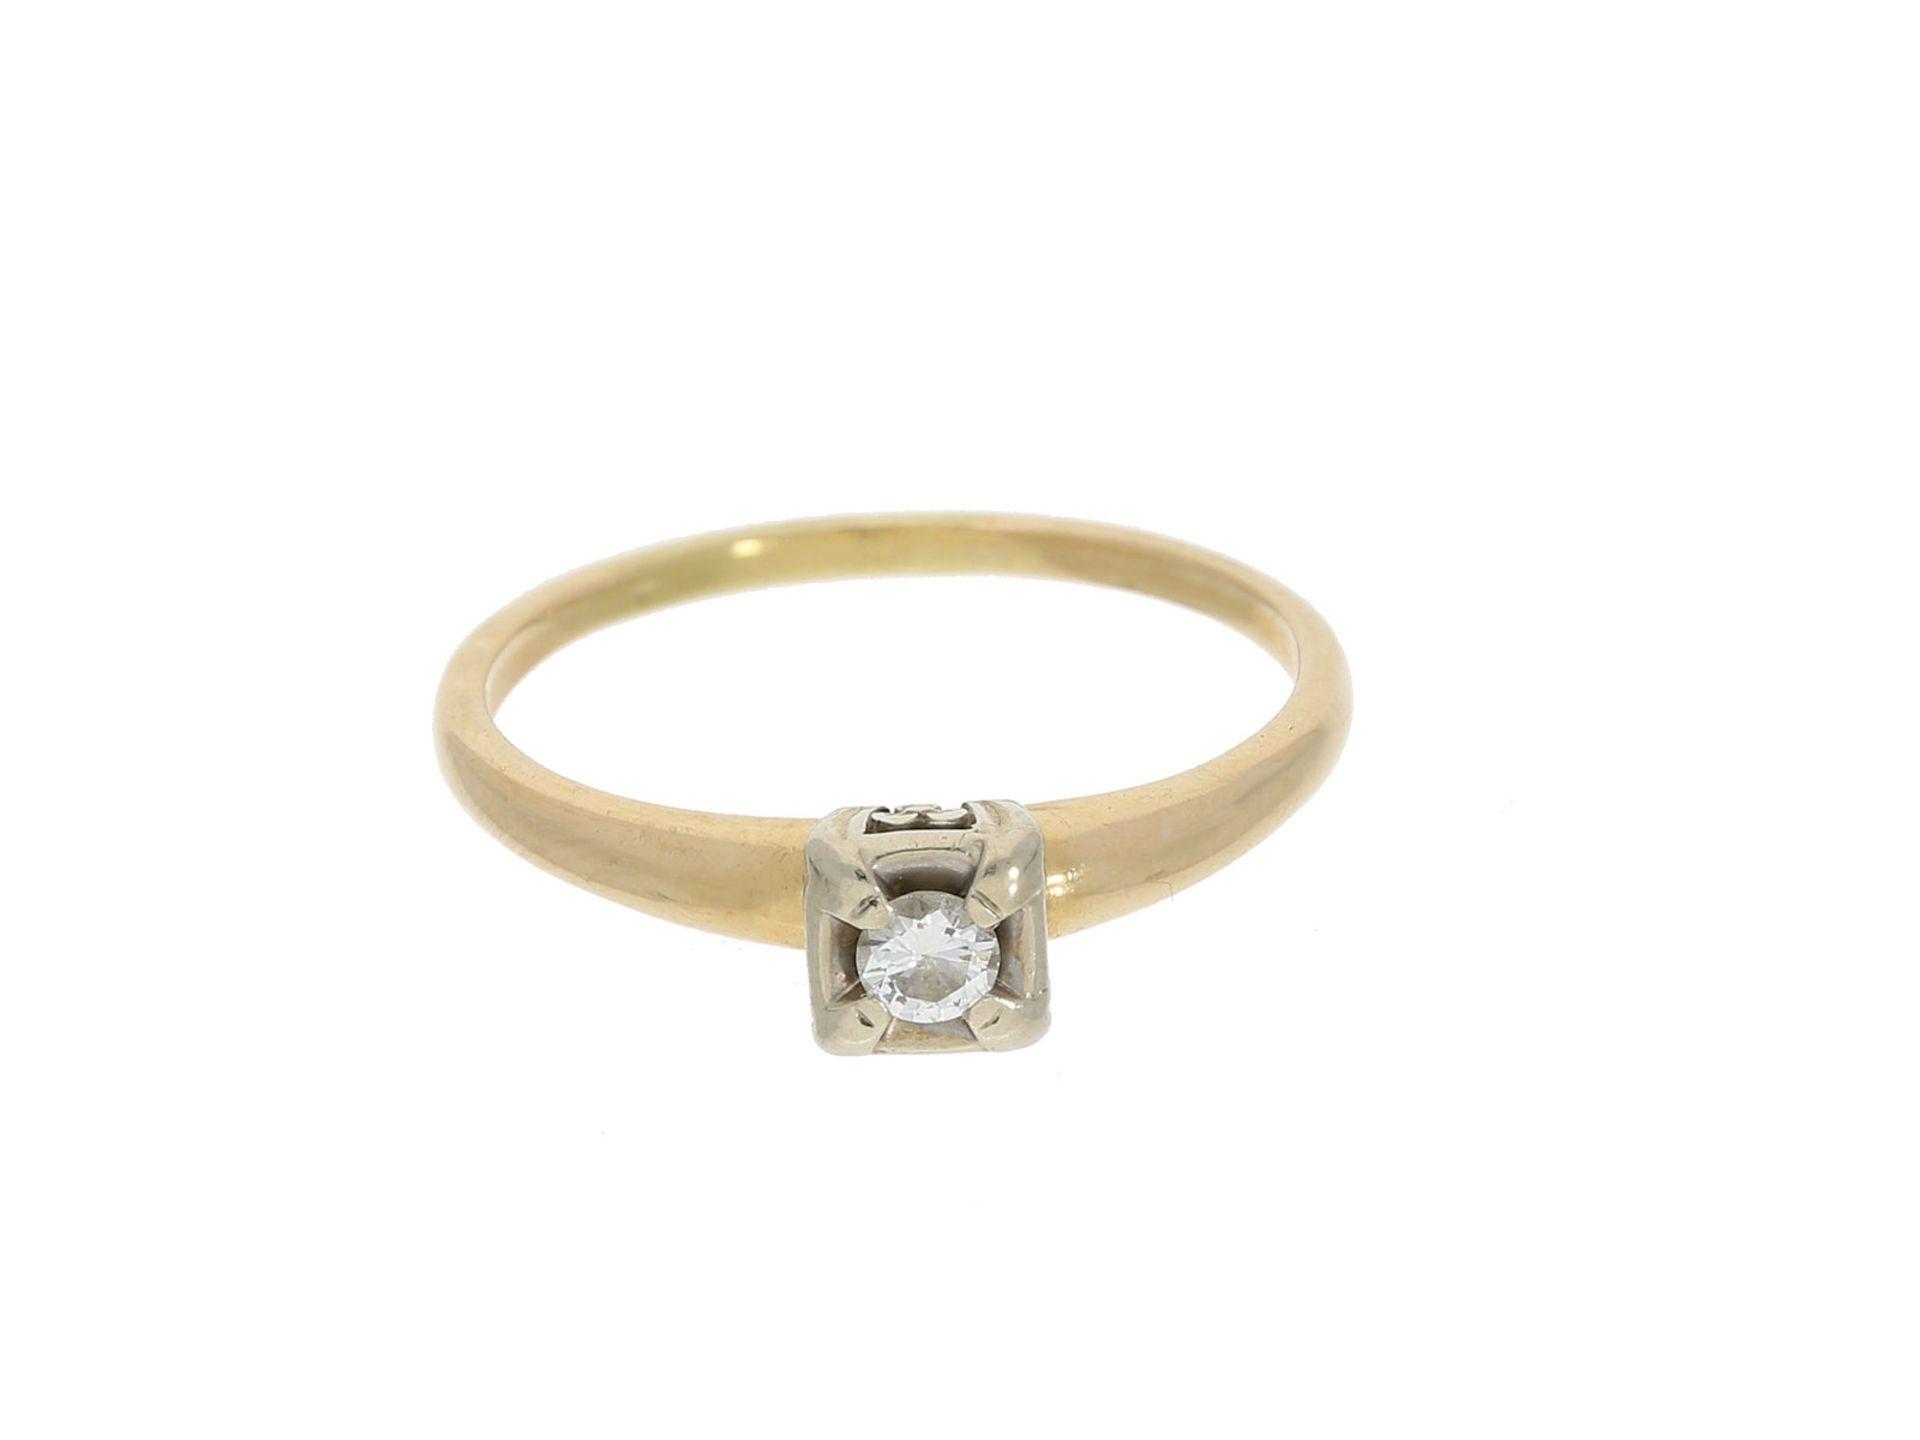 Ring: dekorativer vintage Brillantring, 14K GoldCa. Ø19,5mm, RG61, ca. 2,7g, 14K Gold